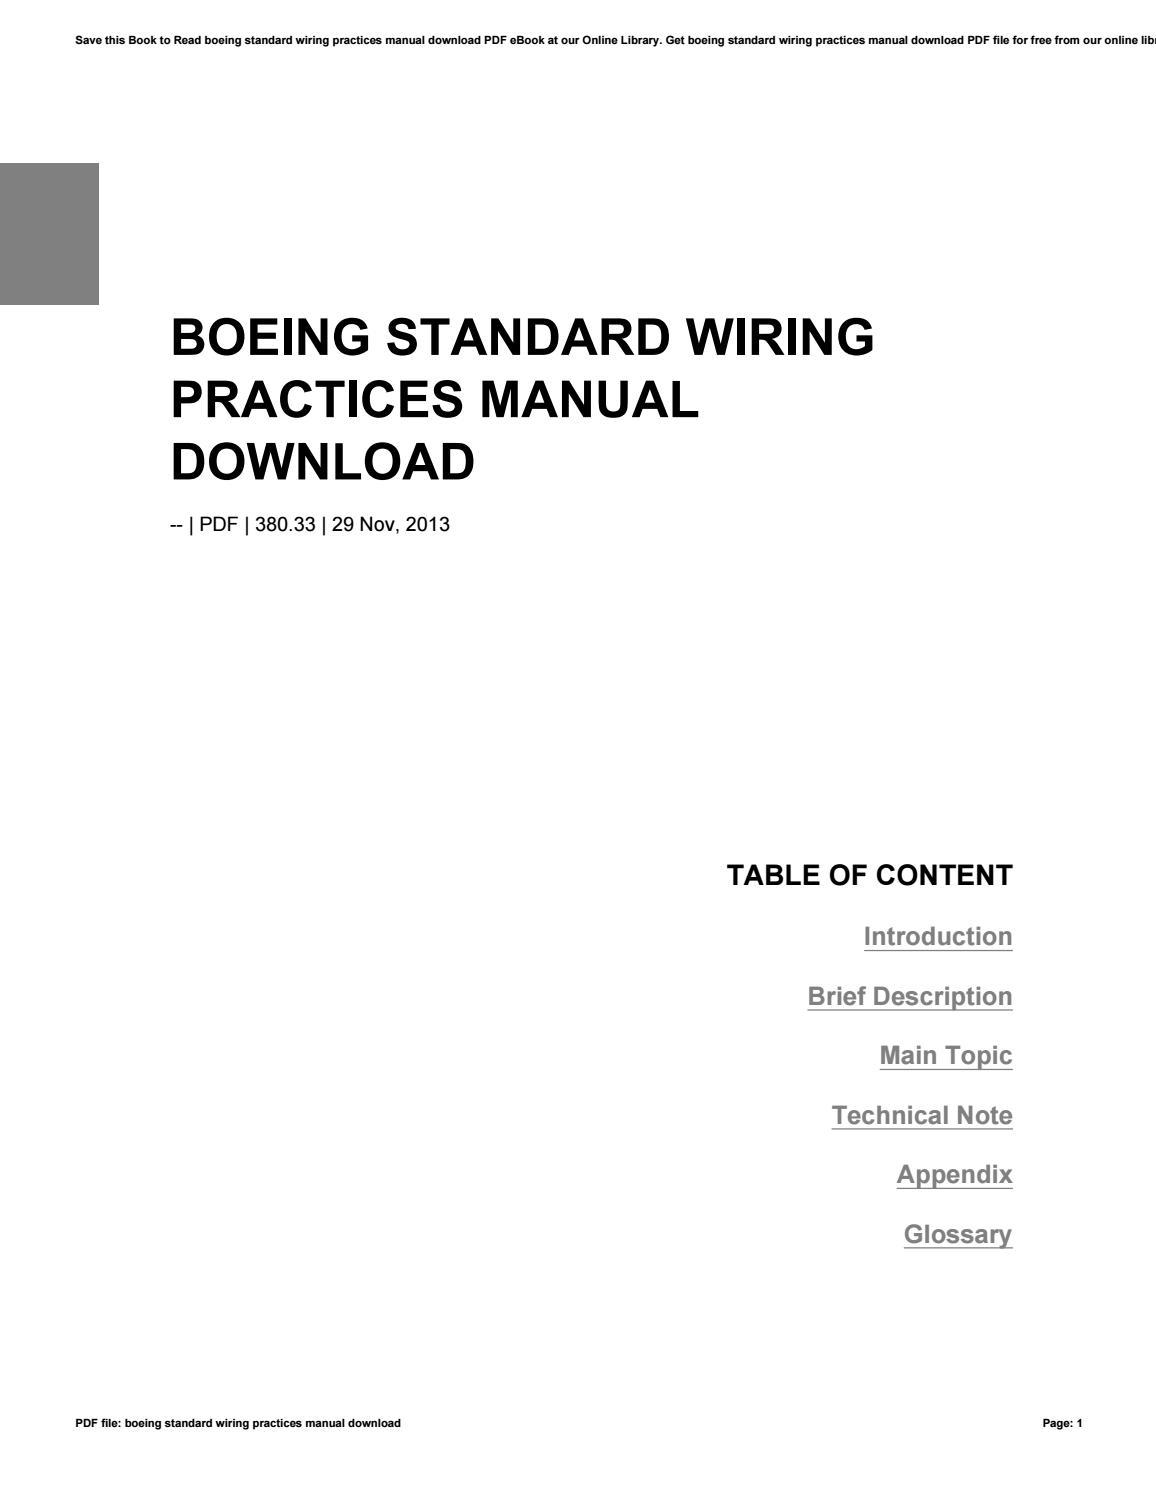 wiring practices manual 8 14 stromoeko de \u2022wiring practices manual wiring diagram schema rh 9 11 9 schwangerschafts frage de standard wiring practices manual boeing standard wiring practices manual